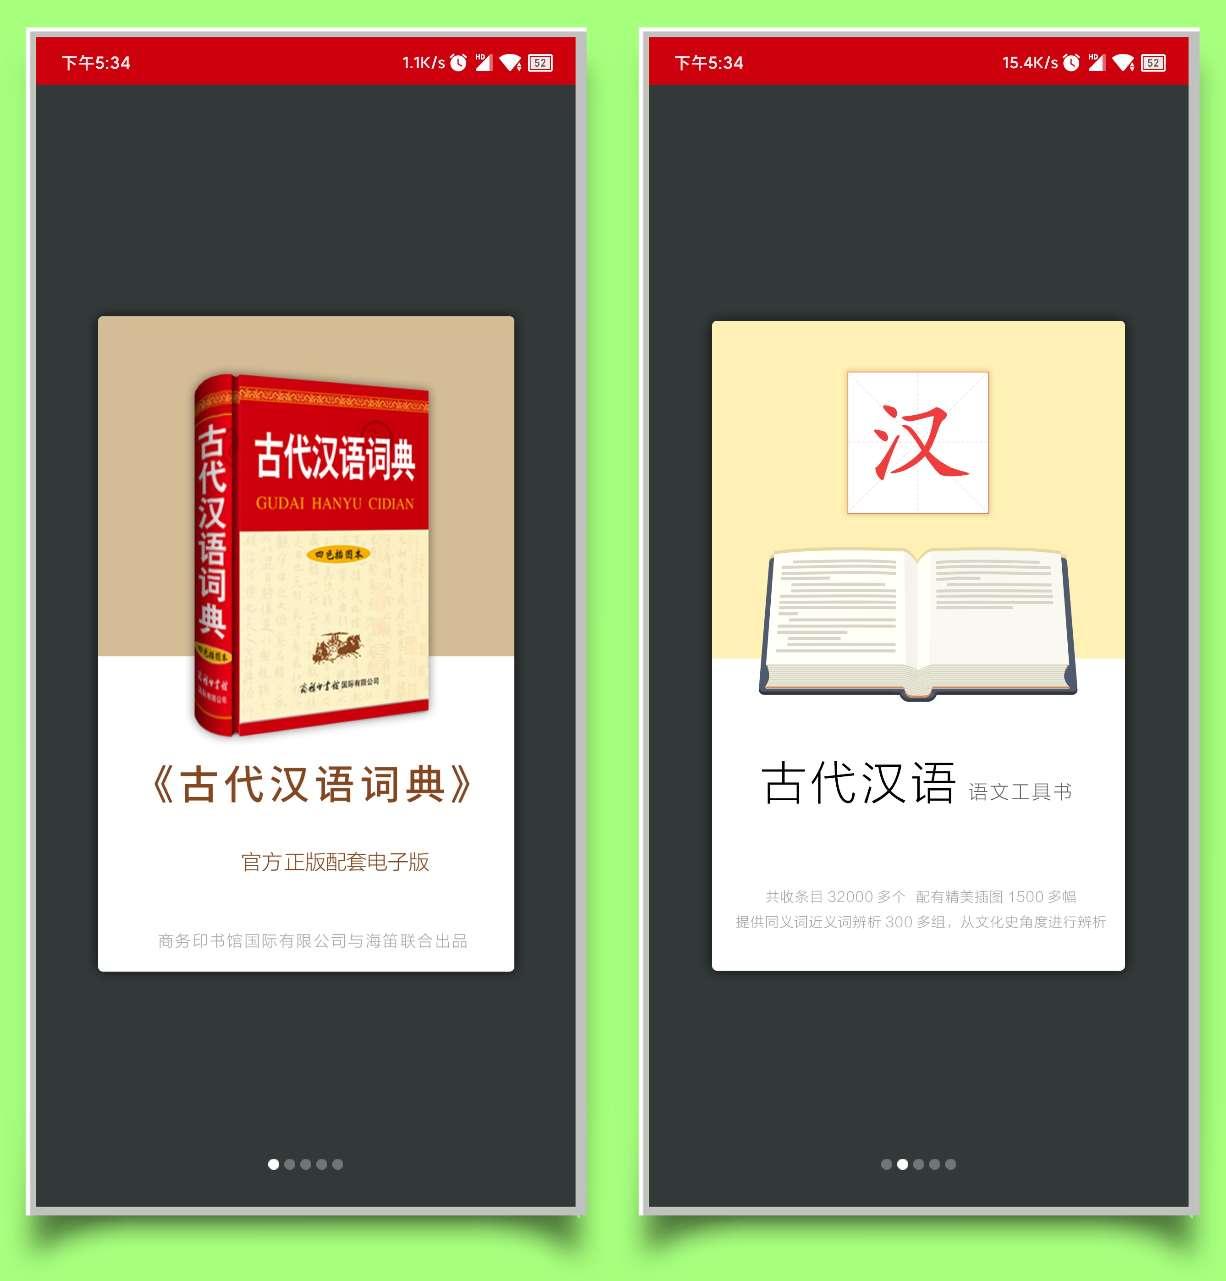 【分享】古代汉语词典v3.4.3有不会的字都可以在这里找到哦